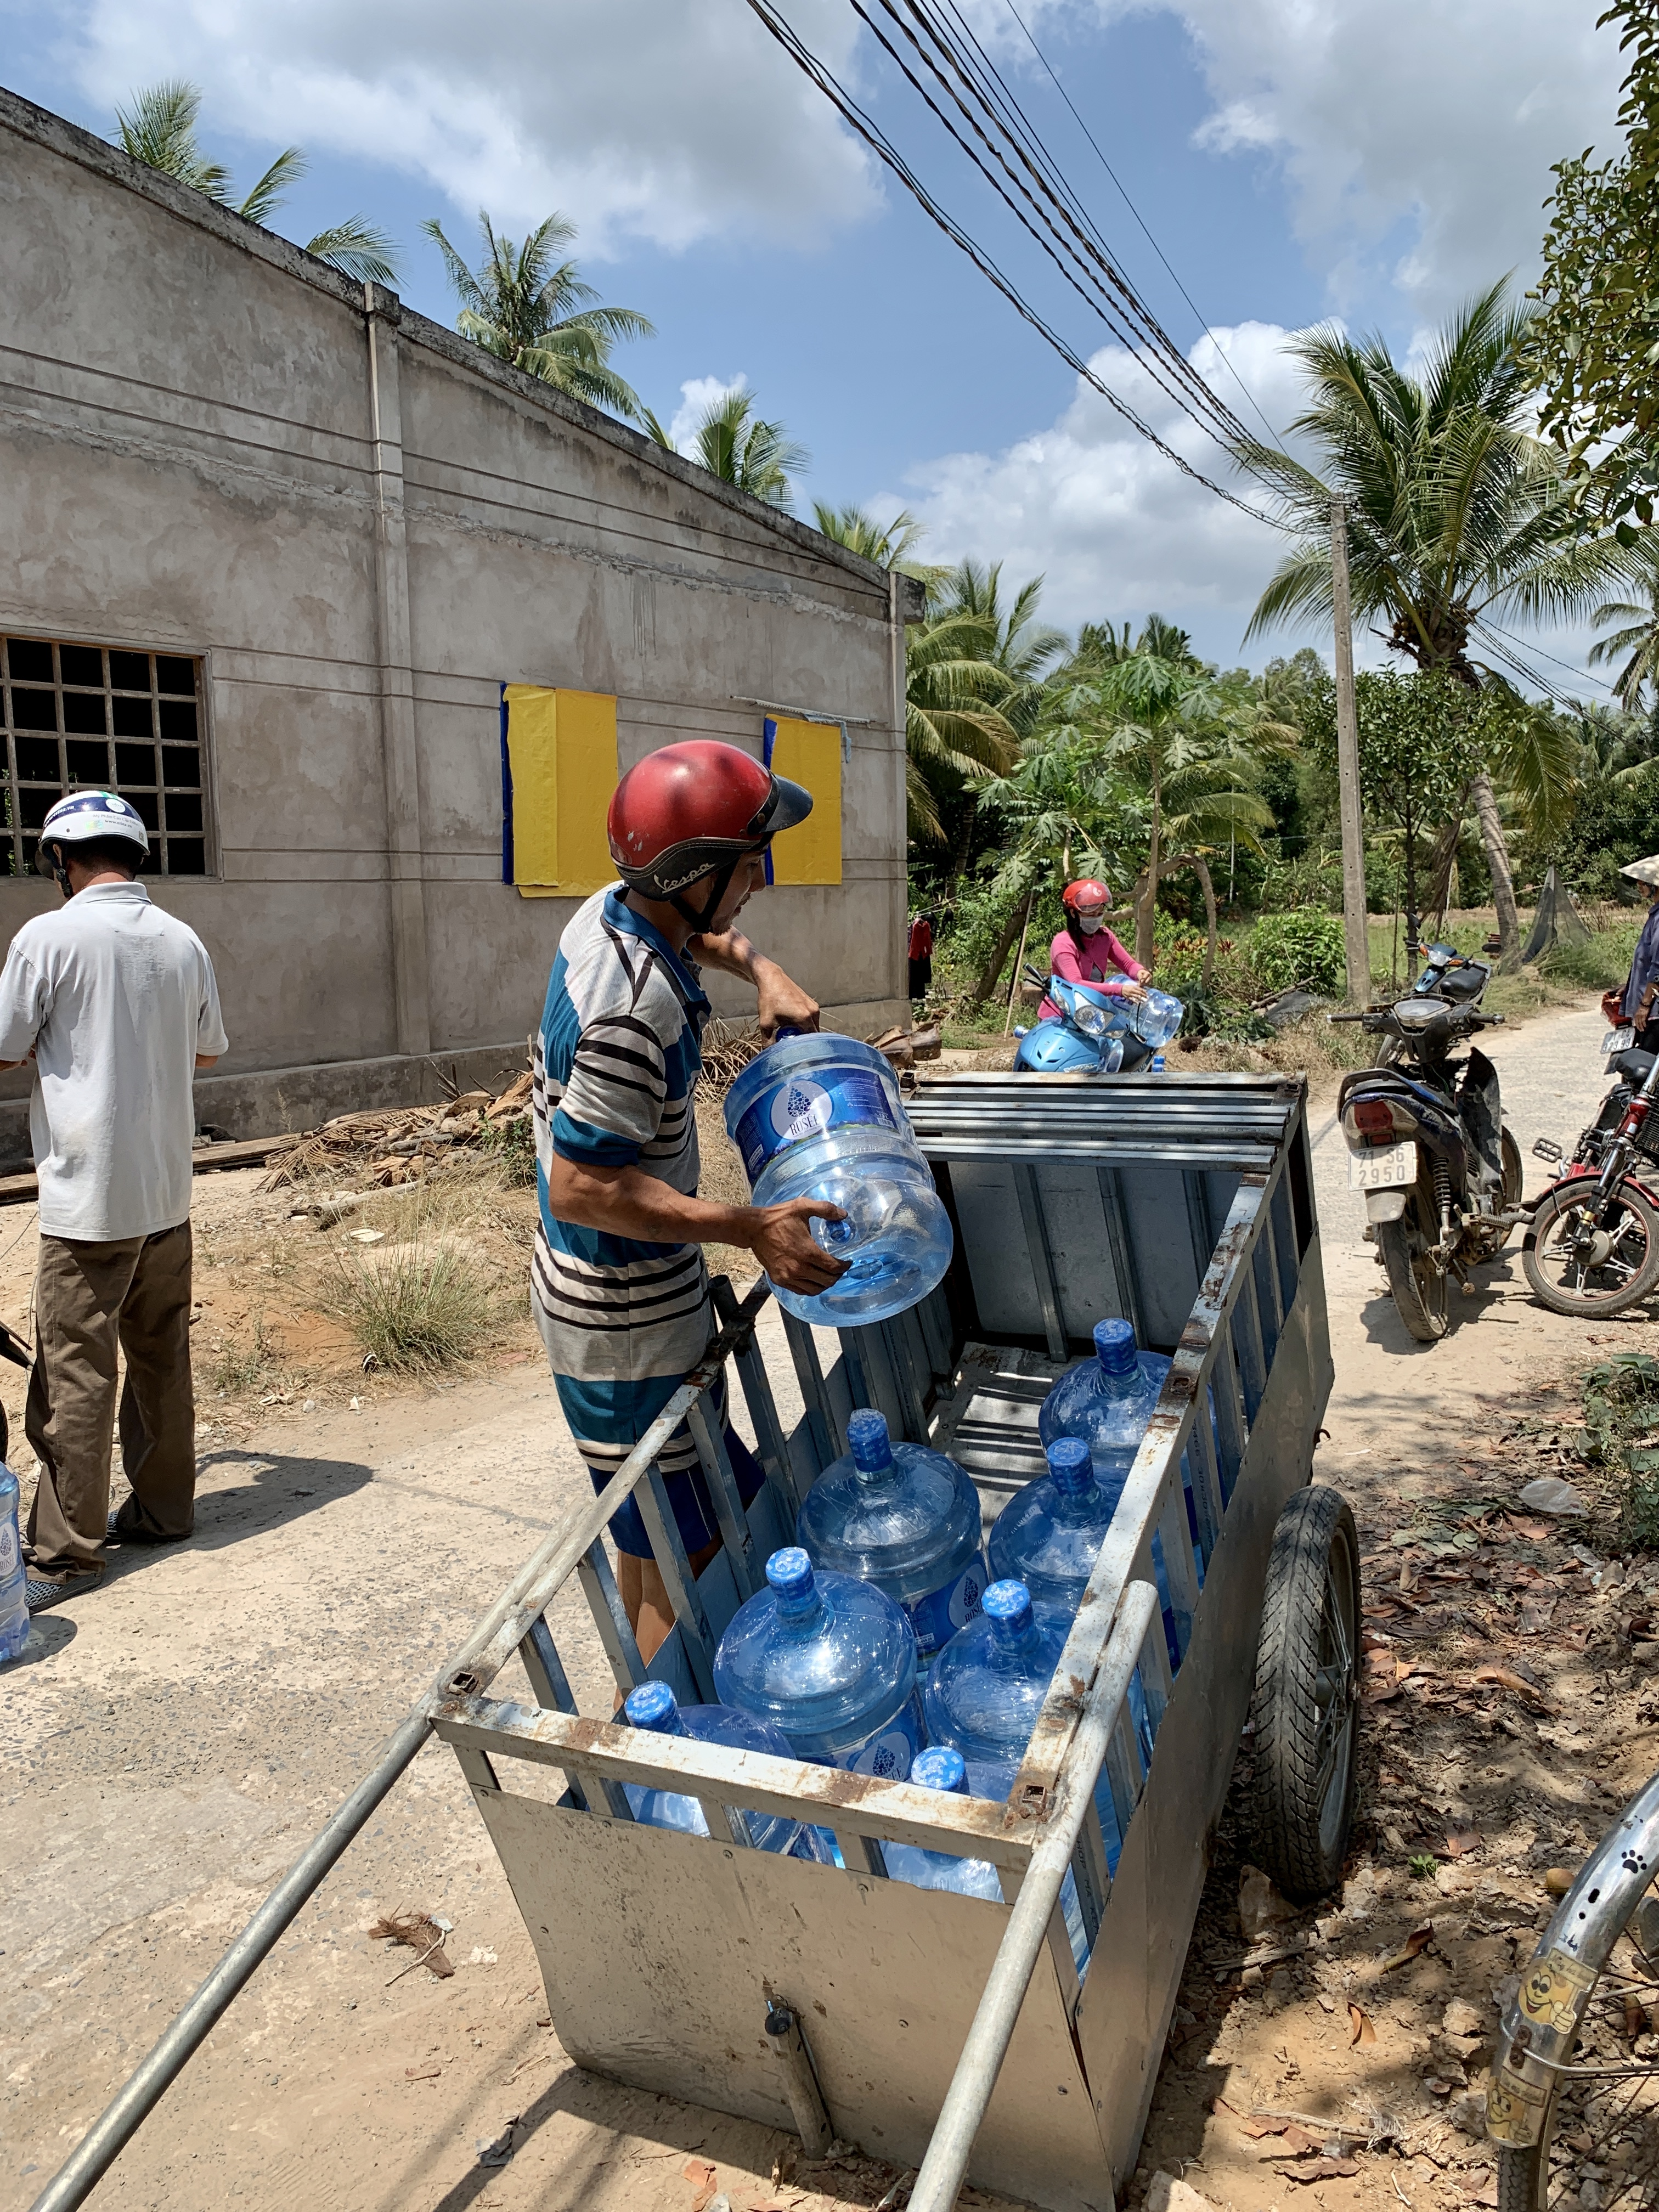 Hạn mặn miền Tây khốc liệt: những giọt nước tinh khiết chở từ Hồ Chí Minh xuống xứ dừa Bến Tre